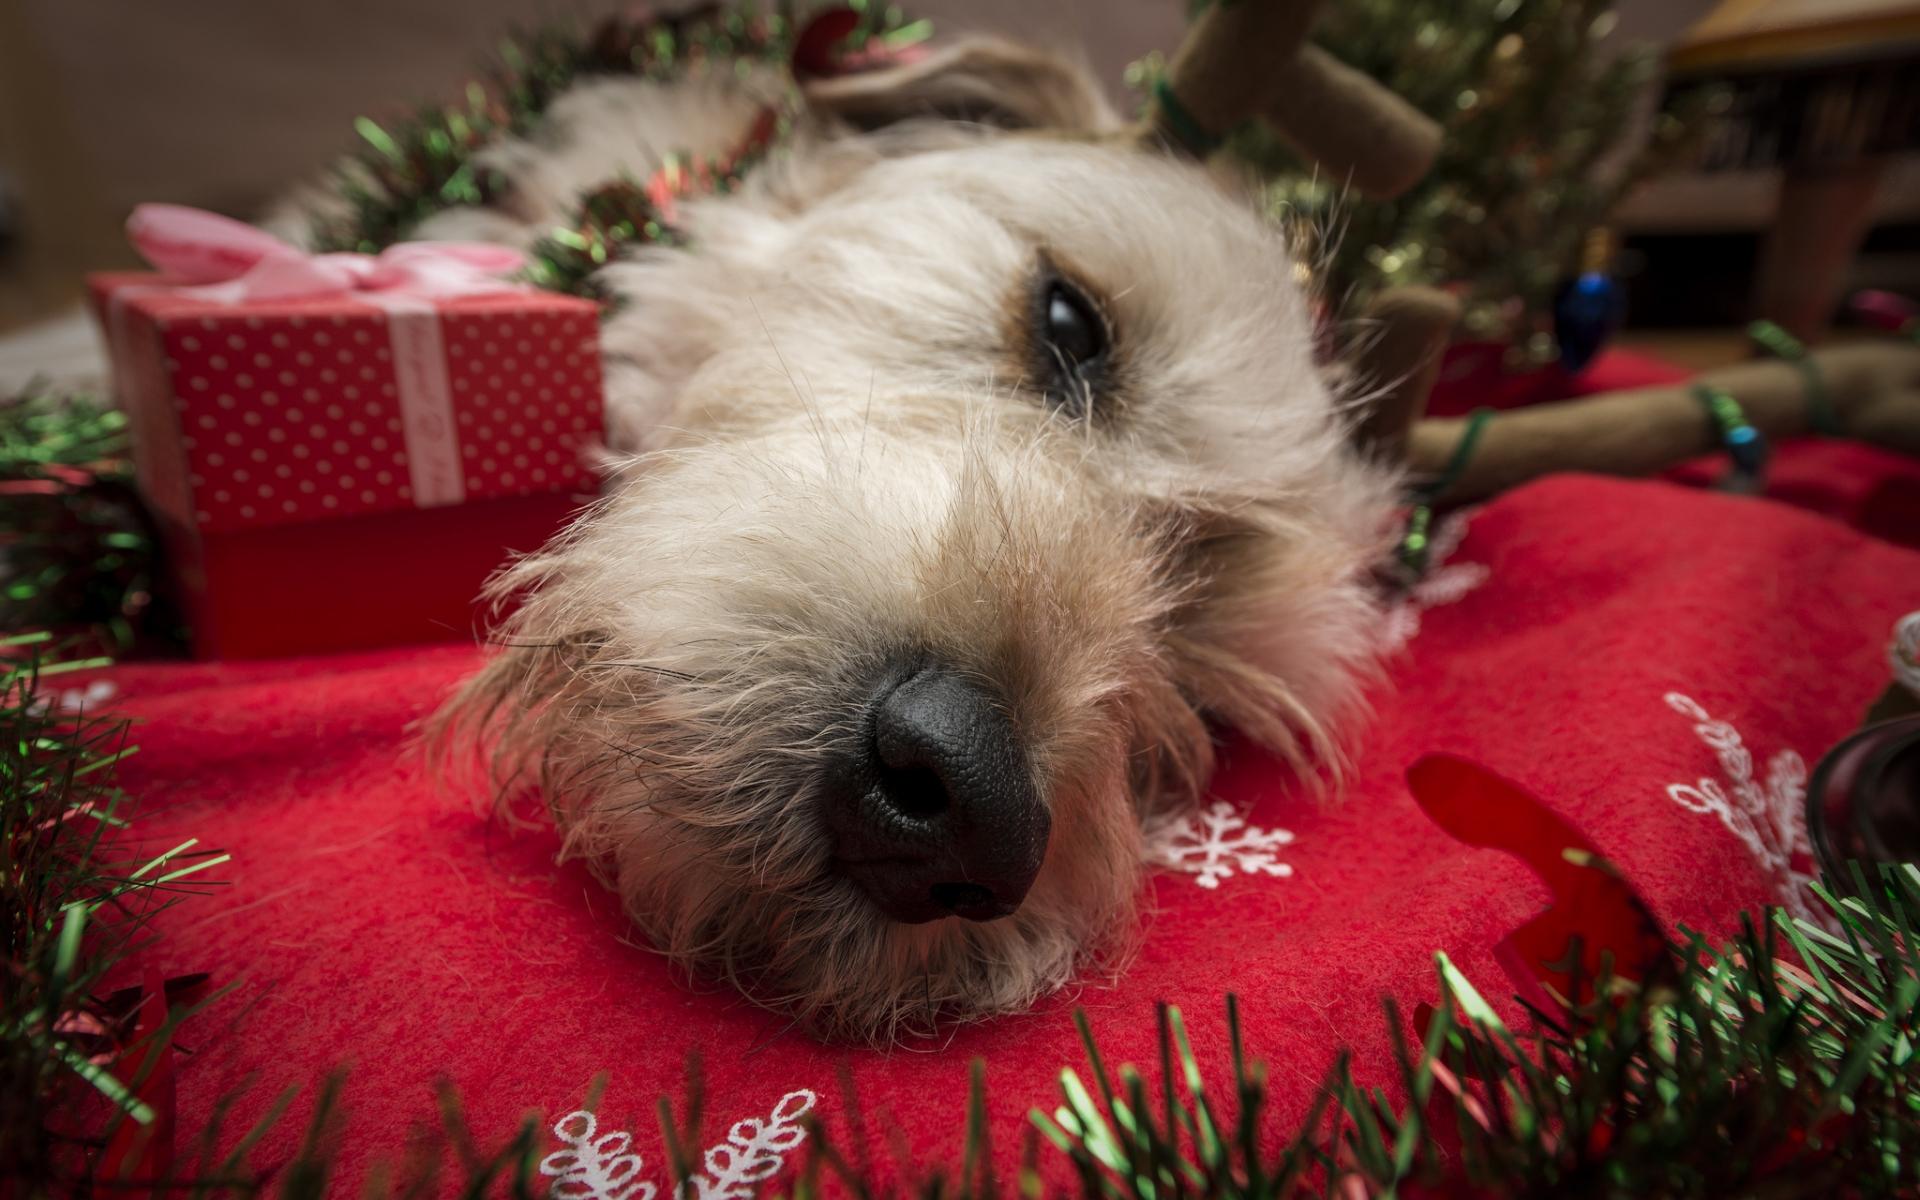 Perro navideño - 1920x1200